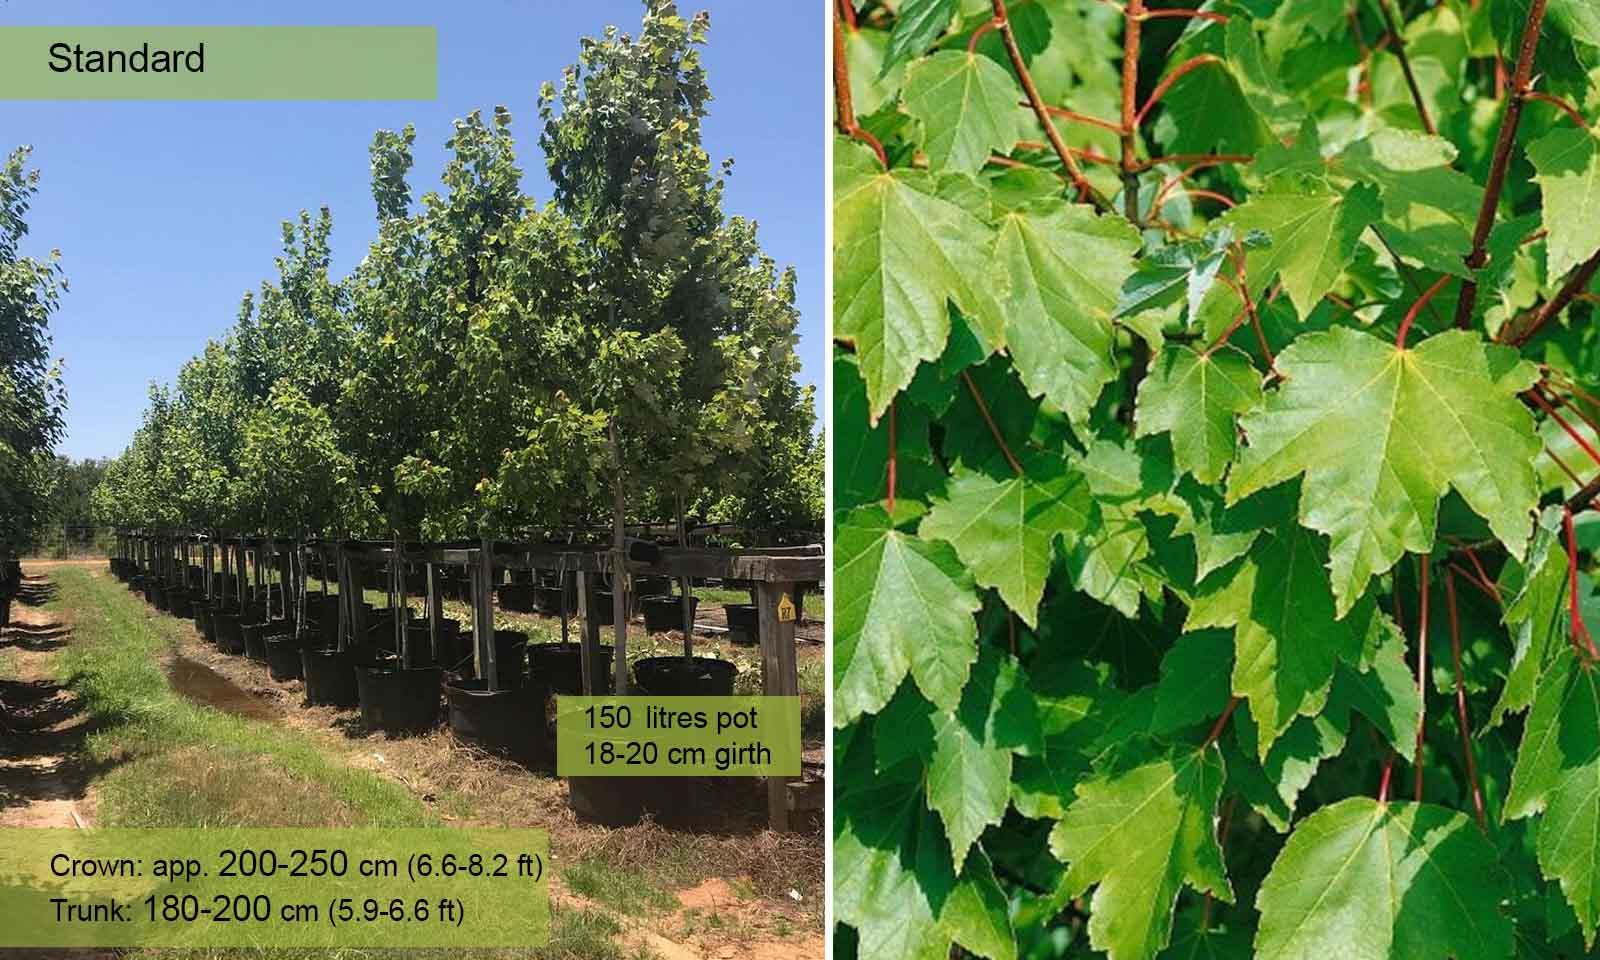 Acer Rubrum October Glory - Standard